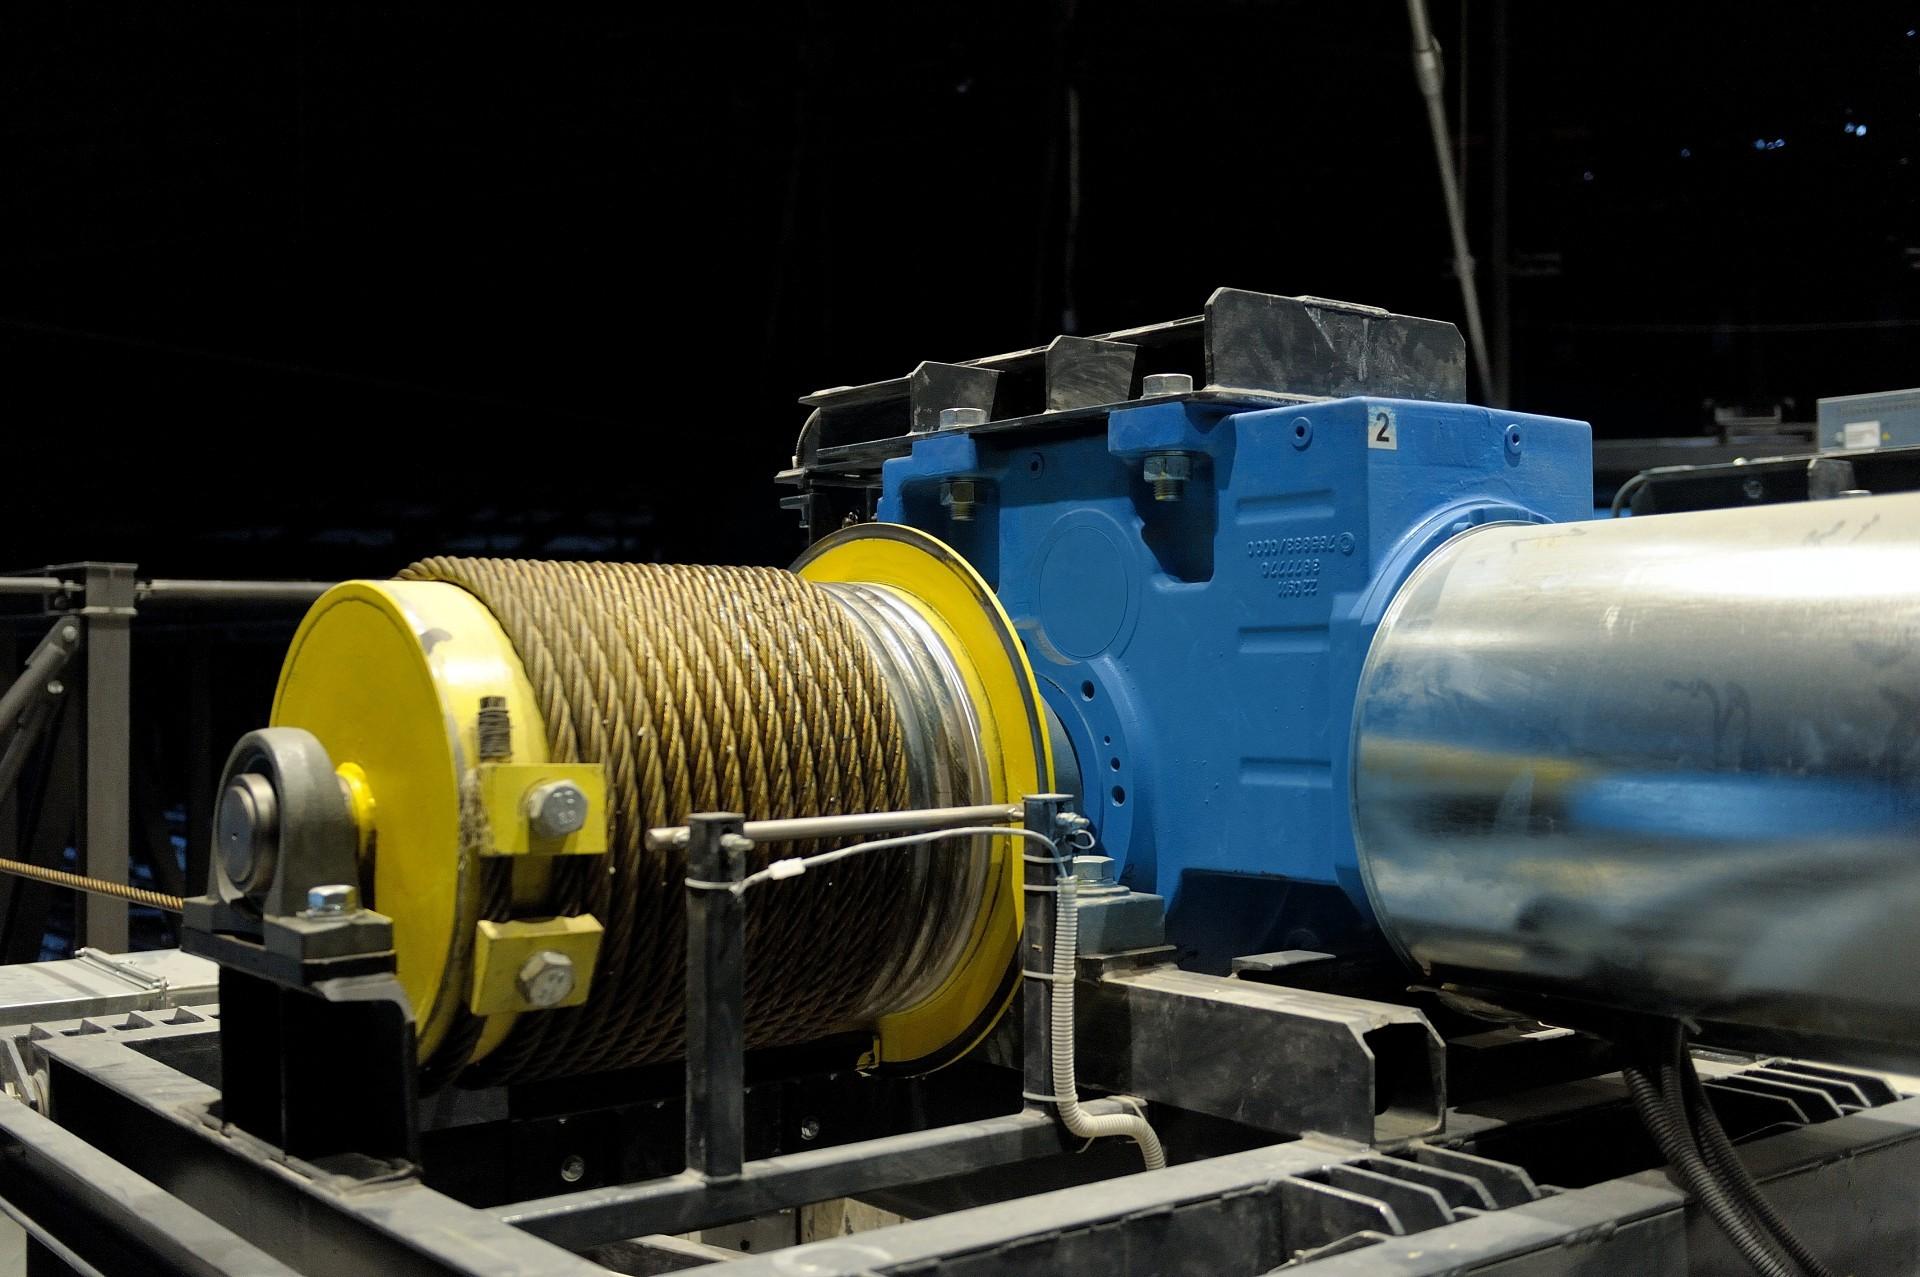 Pohon zvedací plošiny zajišťují čtyři asynchronní motory sklecovou kotvou. Vždy dva pohony na krátké straně plošiny jsou pak mechanicky spojeny pomocí kloubové hřídele.